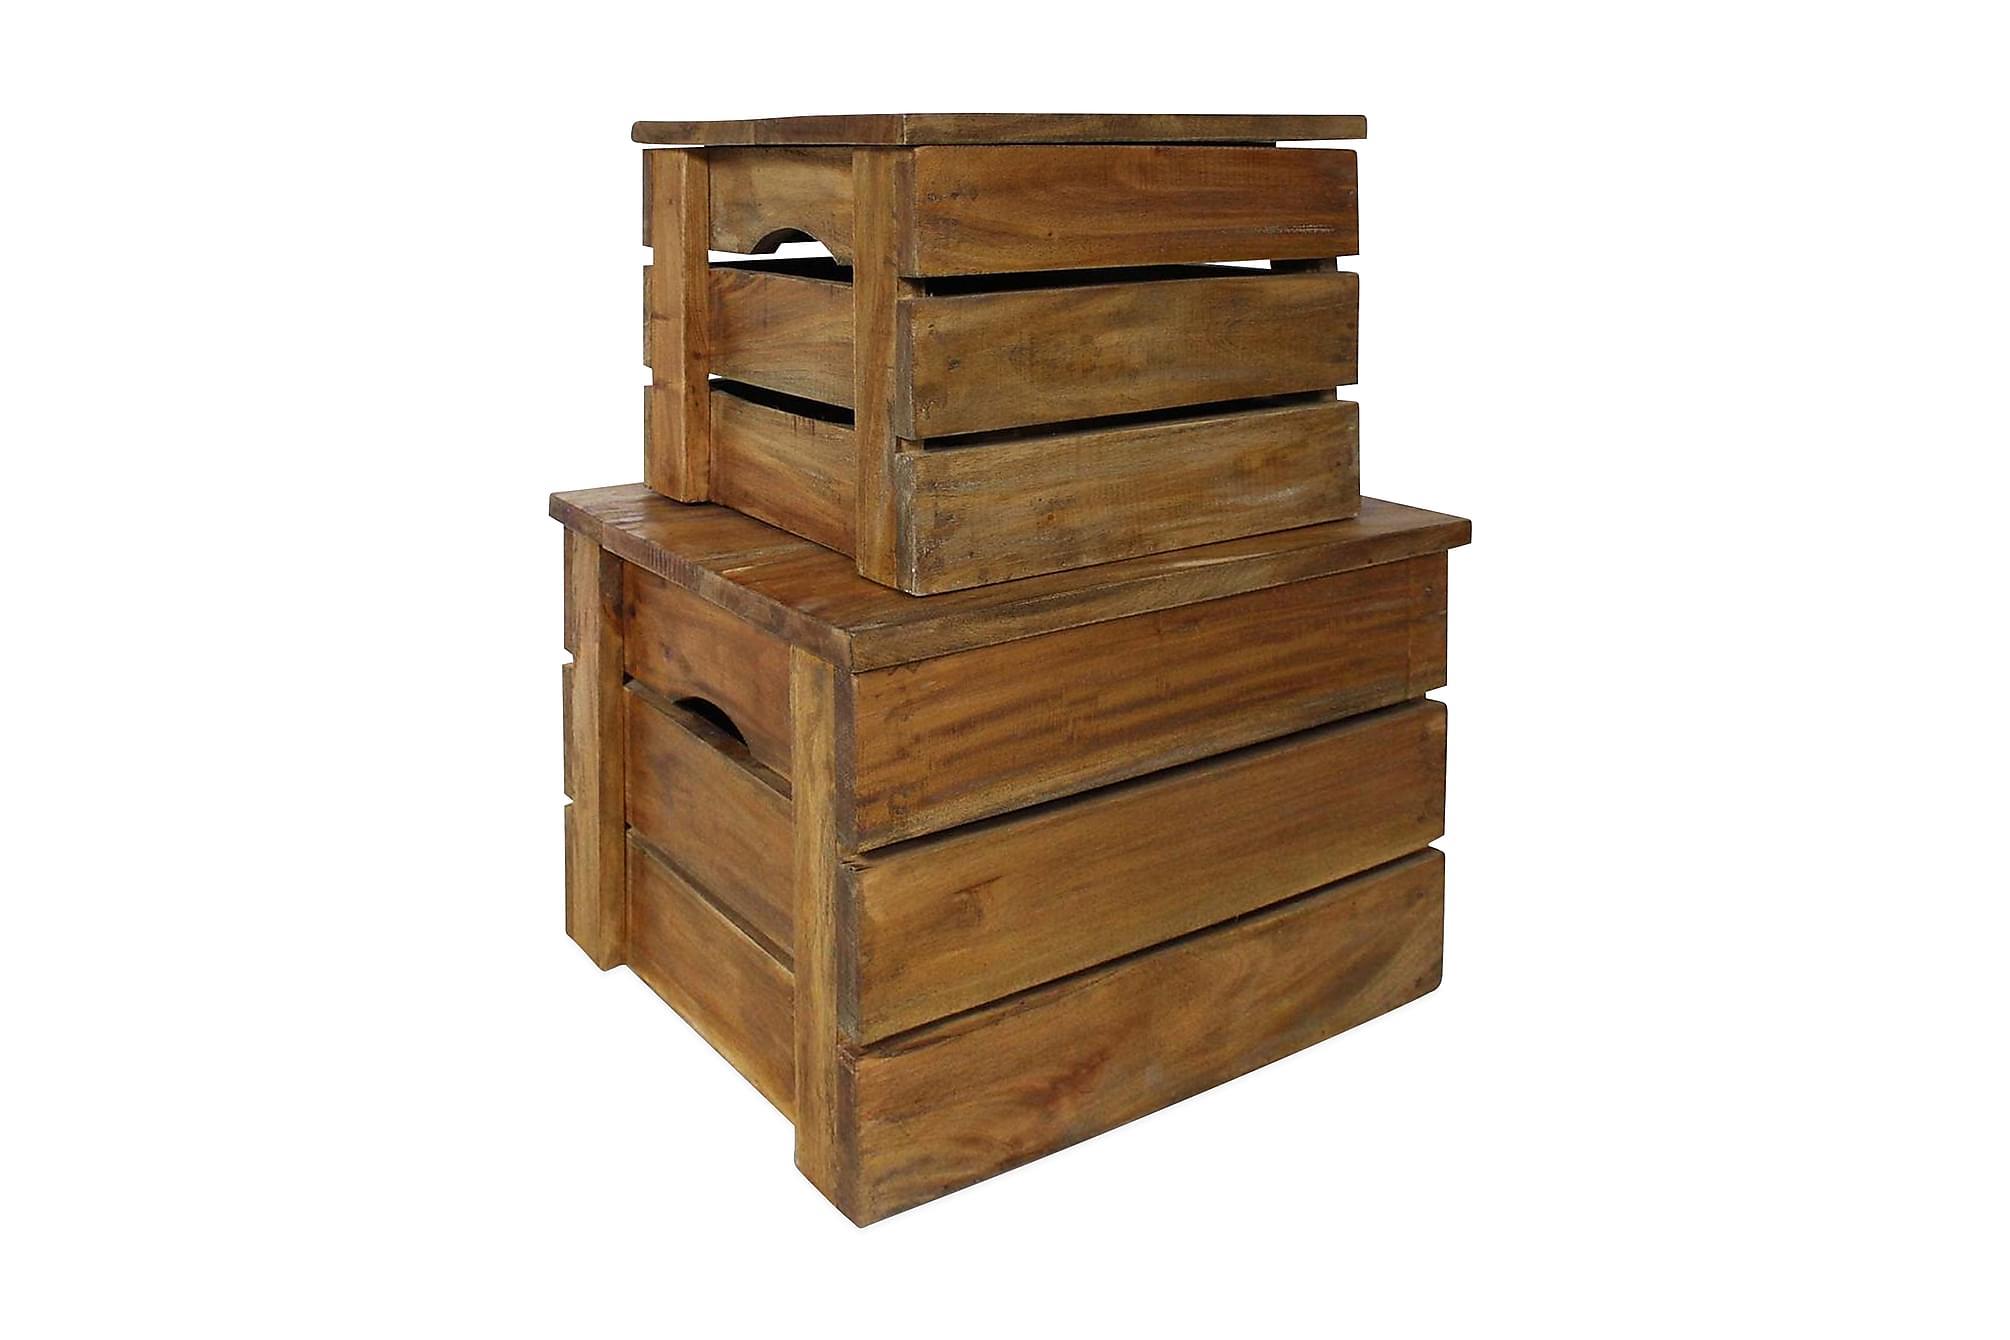 Förvaringskistor 2 st massivt återvunnet trä, Förvaringskistor & sängkistor